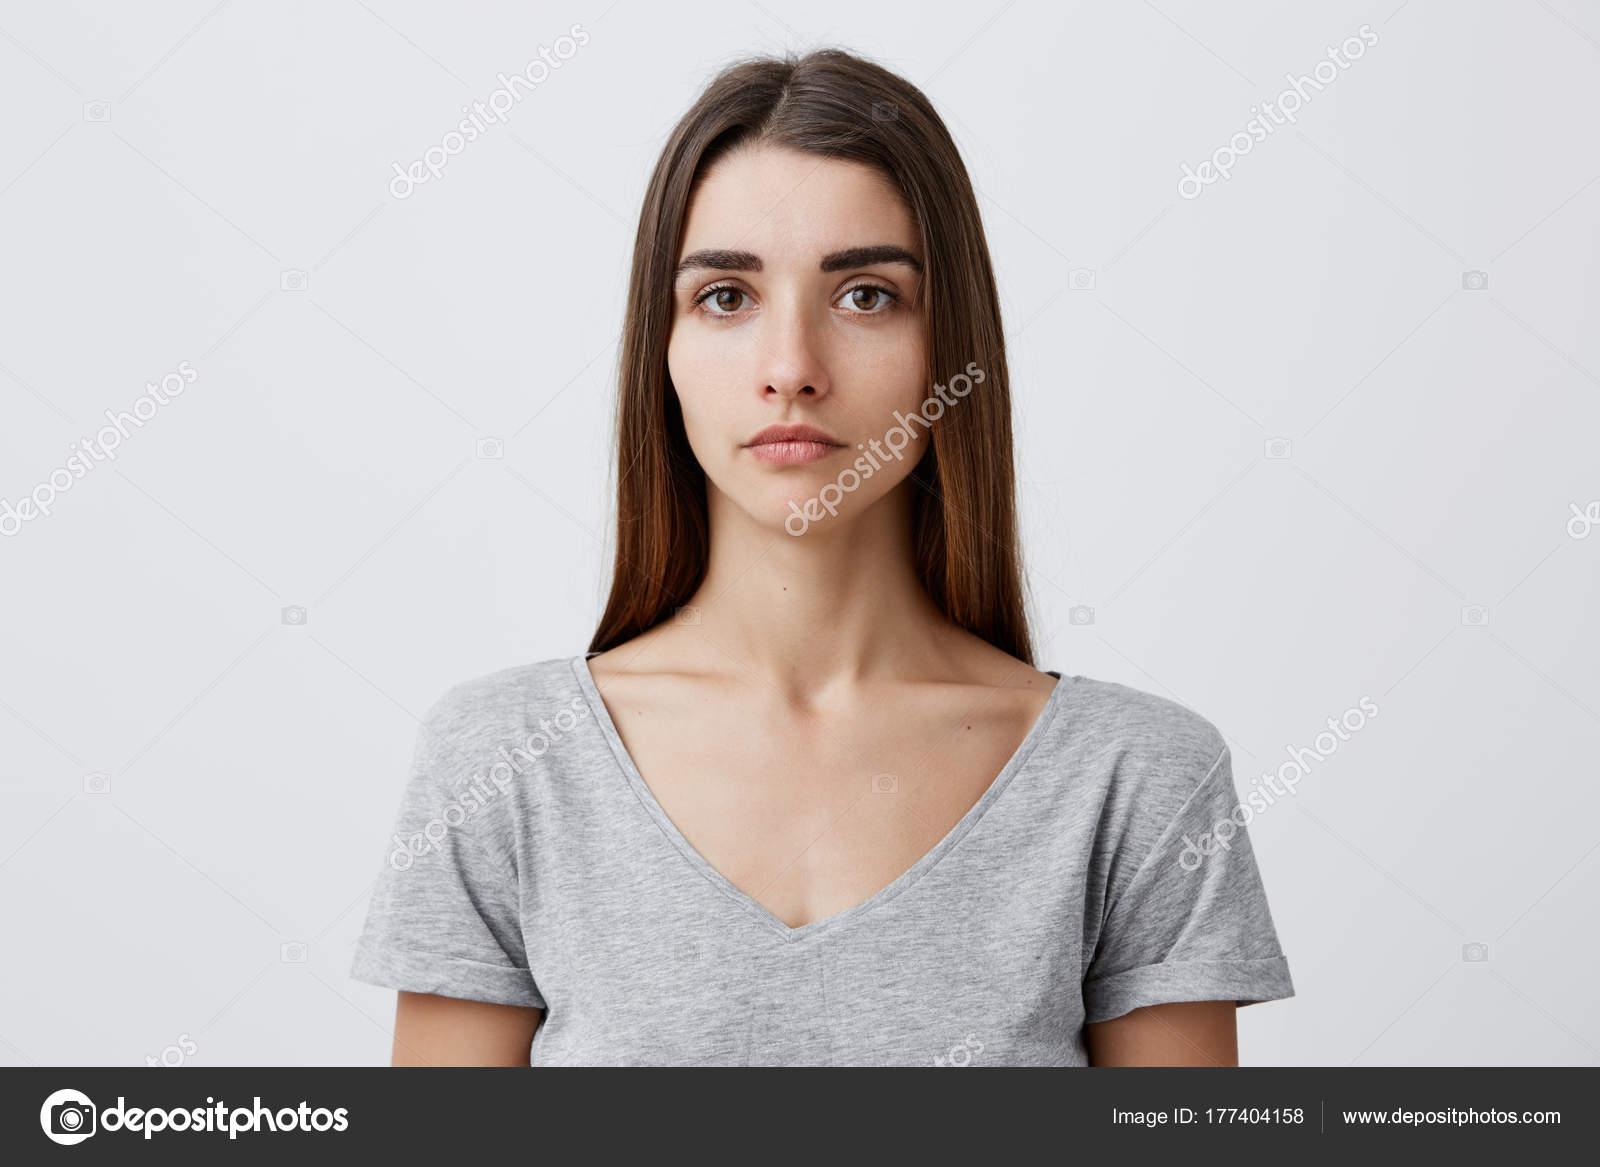 d77517e76288 Nahaufnahme des schönen charmanten kaukasische Mädchen mit langen braunen  Haaren in der grauen T-shirt